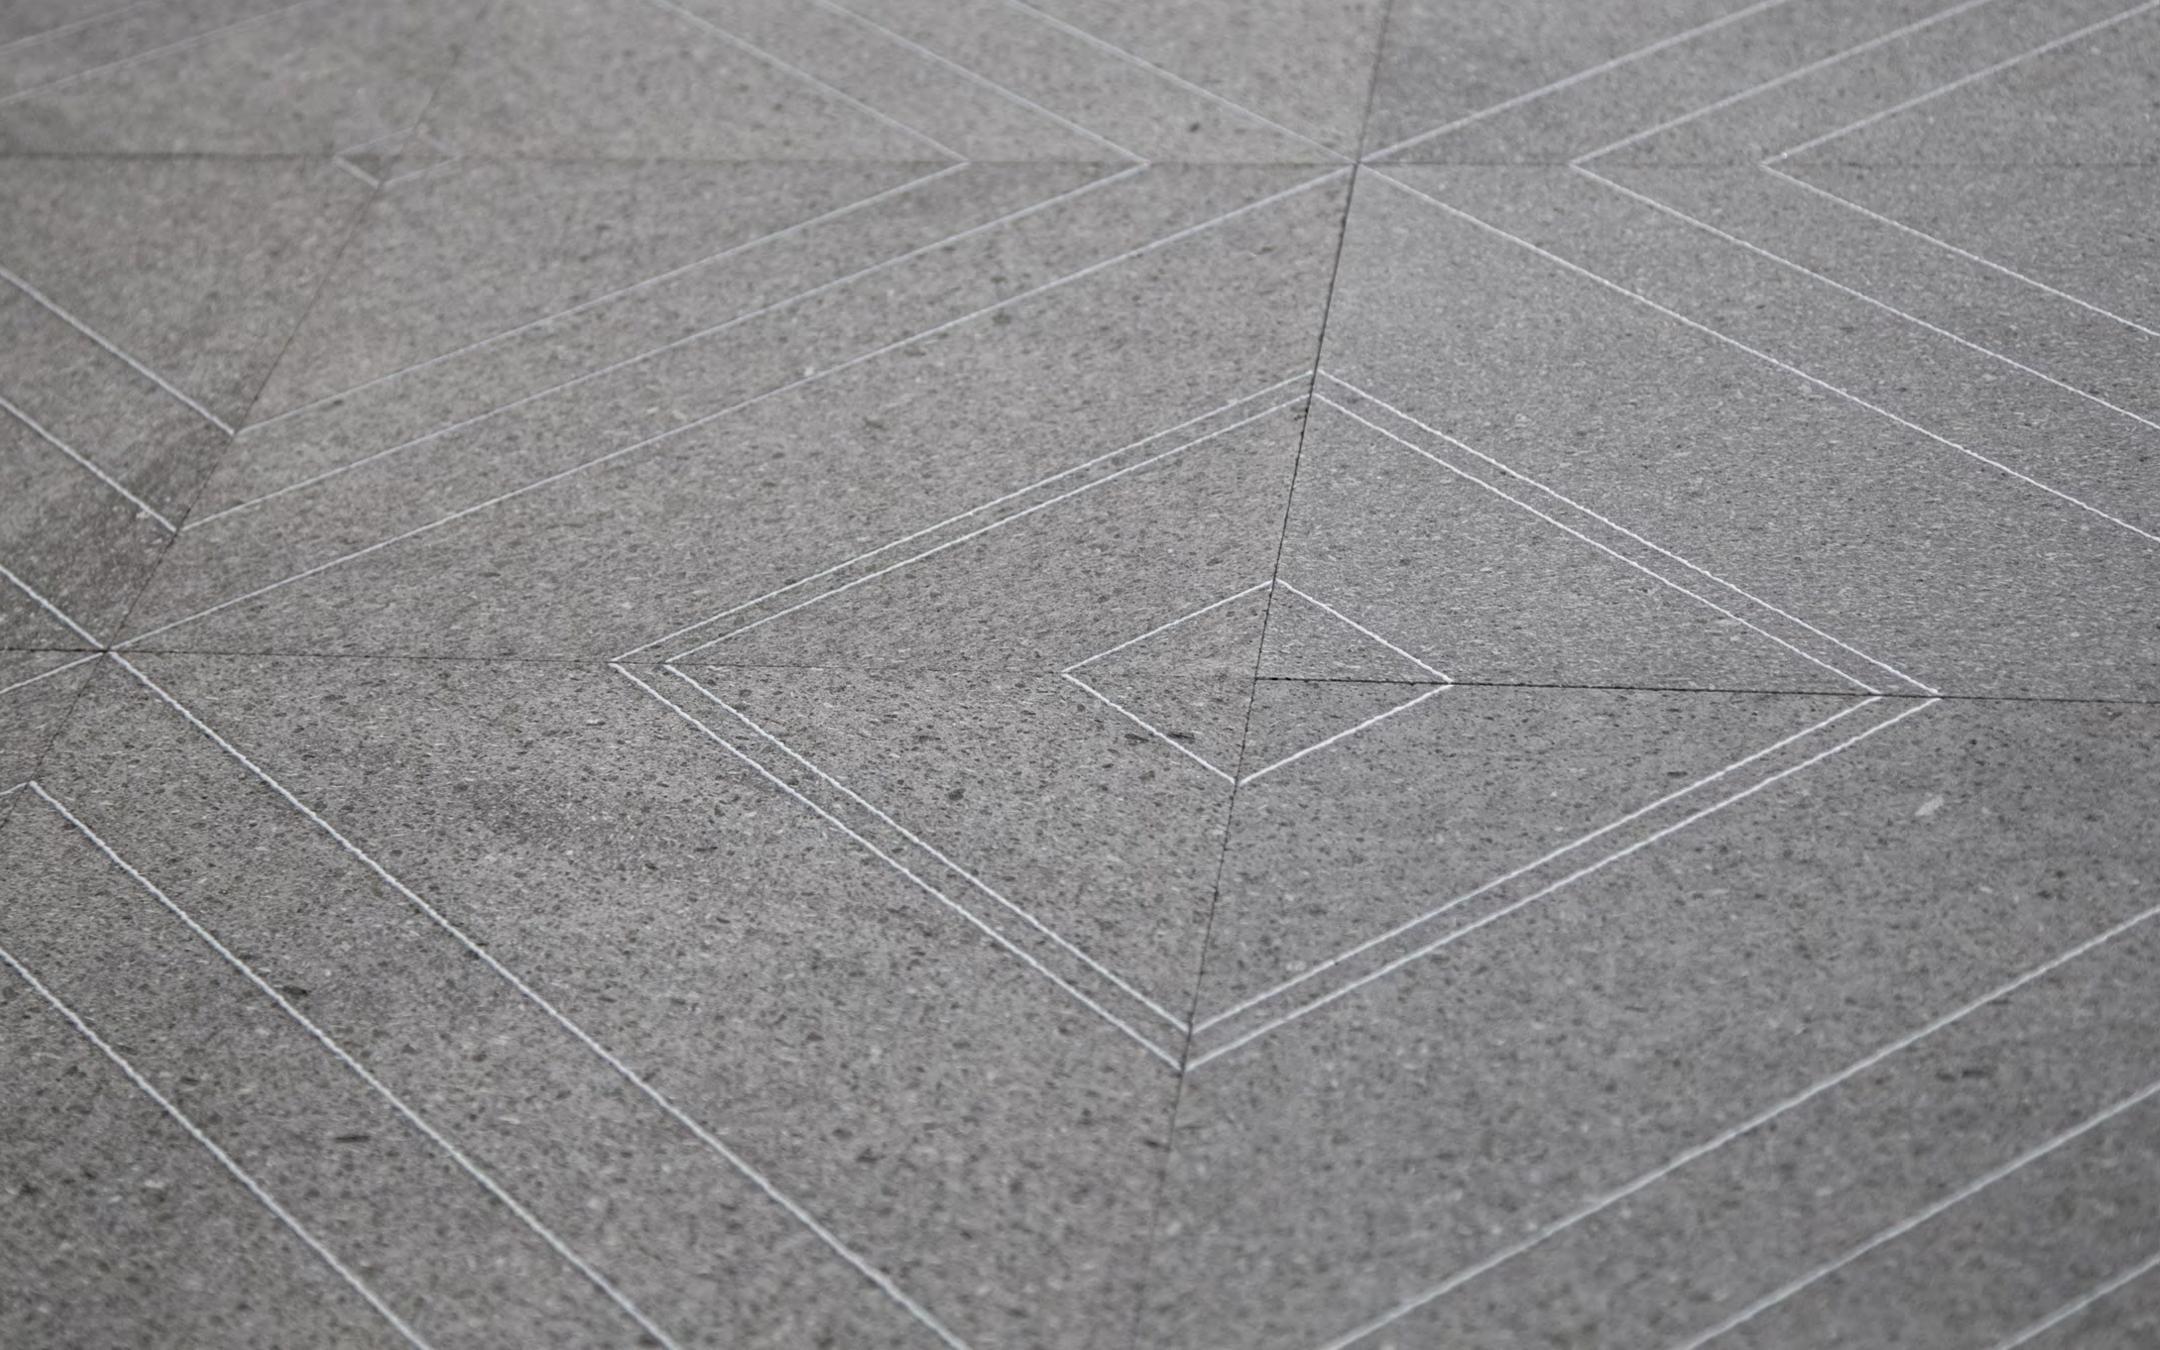 La Pietra Srl Asti lava stone floor by lissoni palazzo collection - nerosicilia